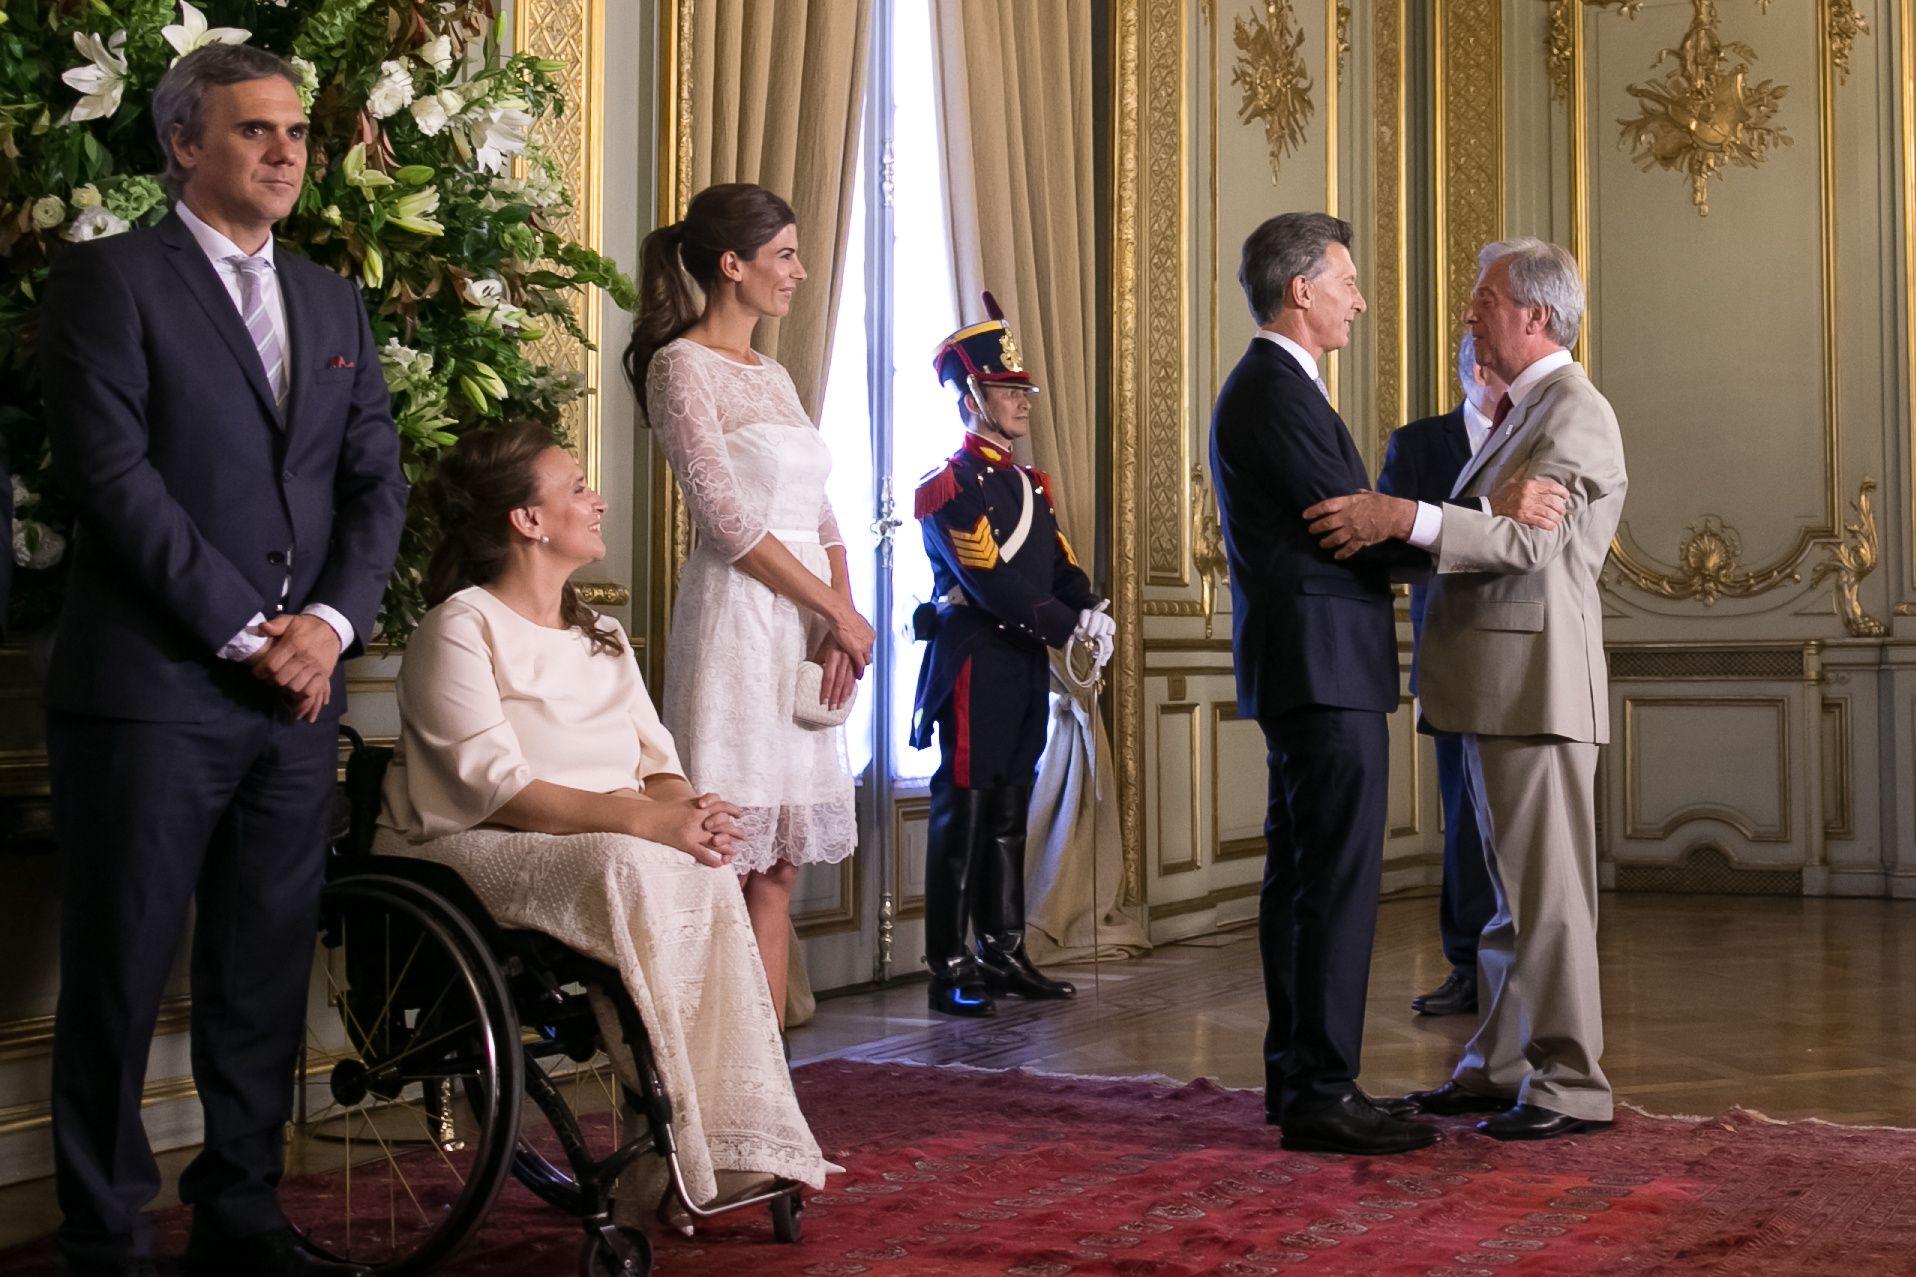 #MacriPresidente saludó a los mandatarios en la Cancillería